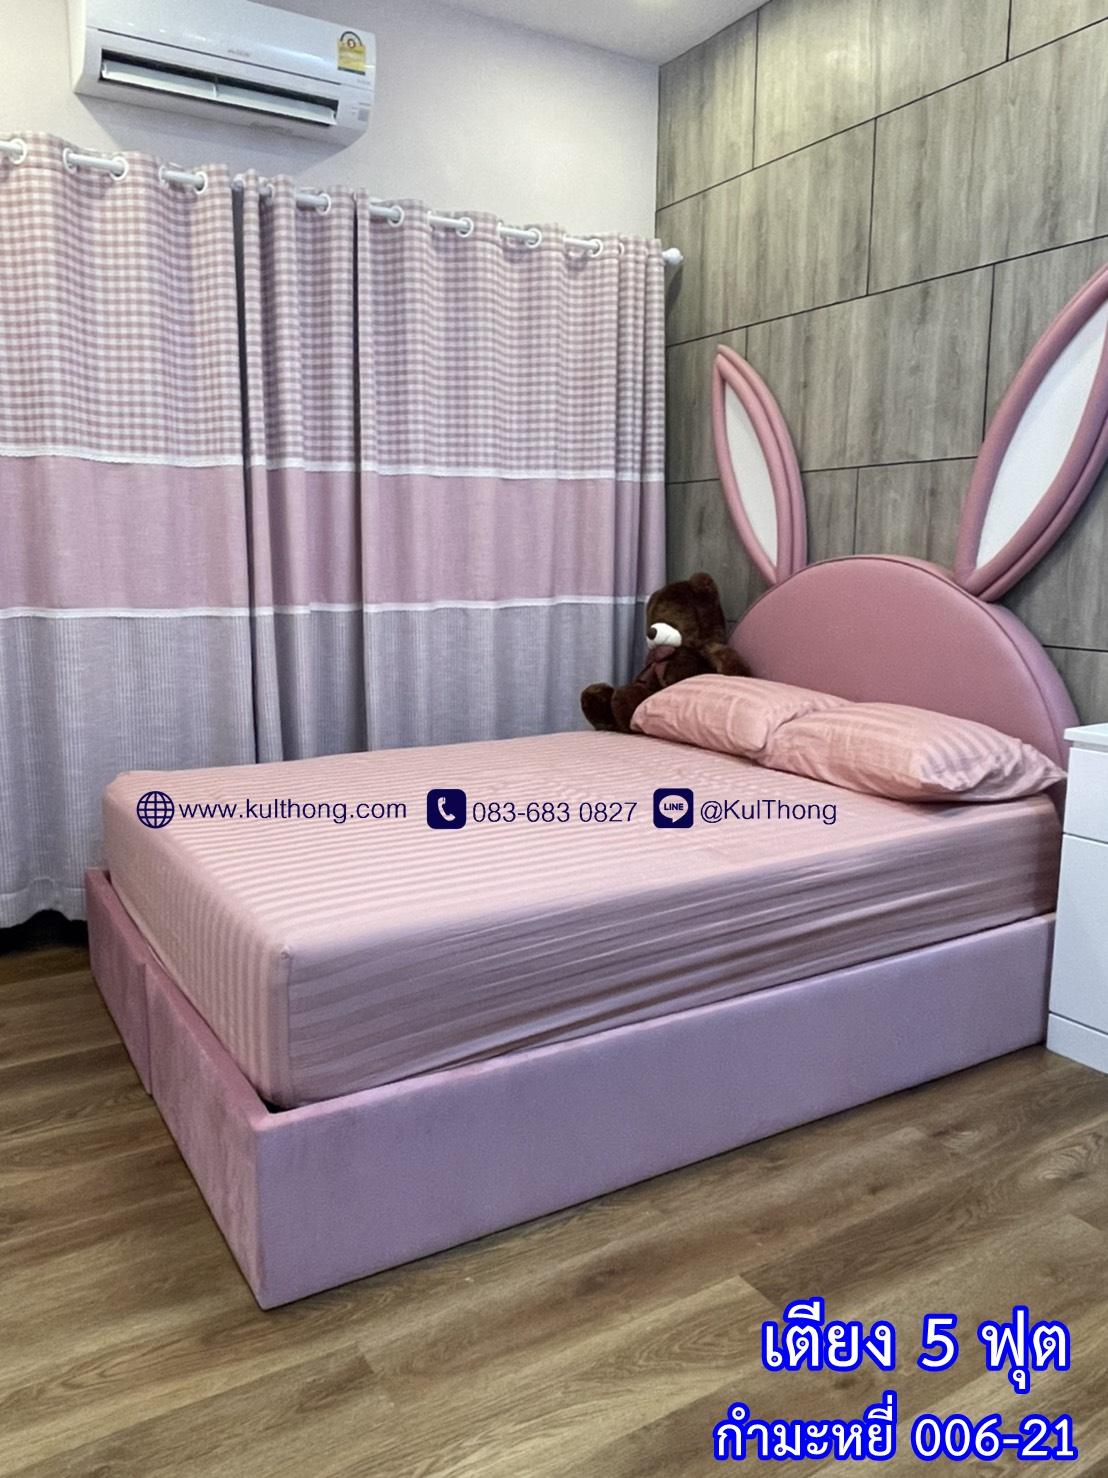 ฐานเตียงกำมะหยี่ ฐานเตียงนอน เตียงสั่งทำ